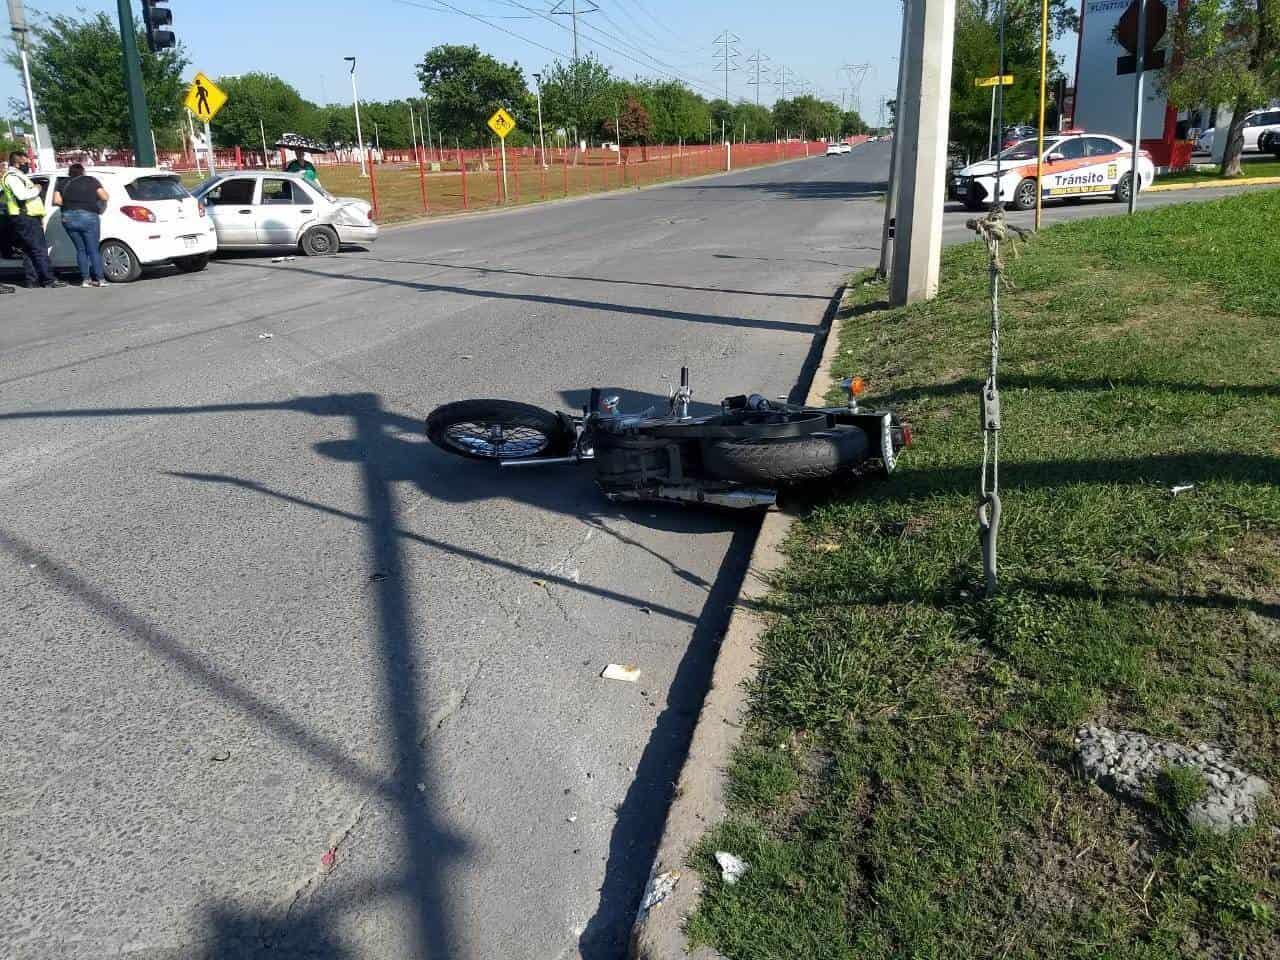 El motociclista perdió la vida después de estrellarse contra un automóvil